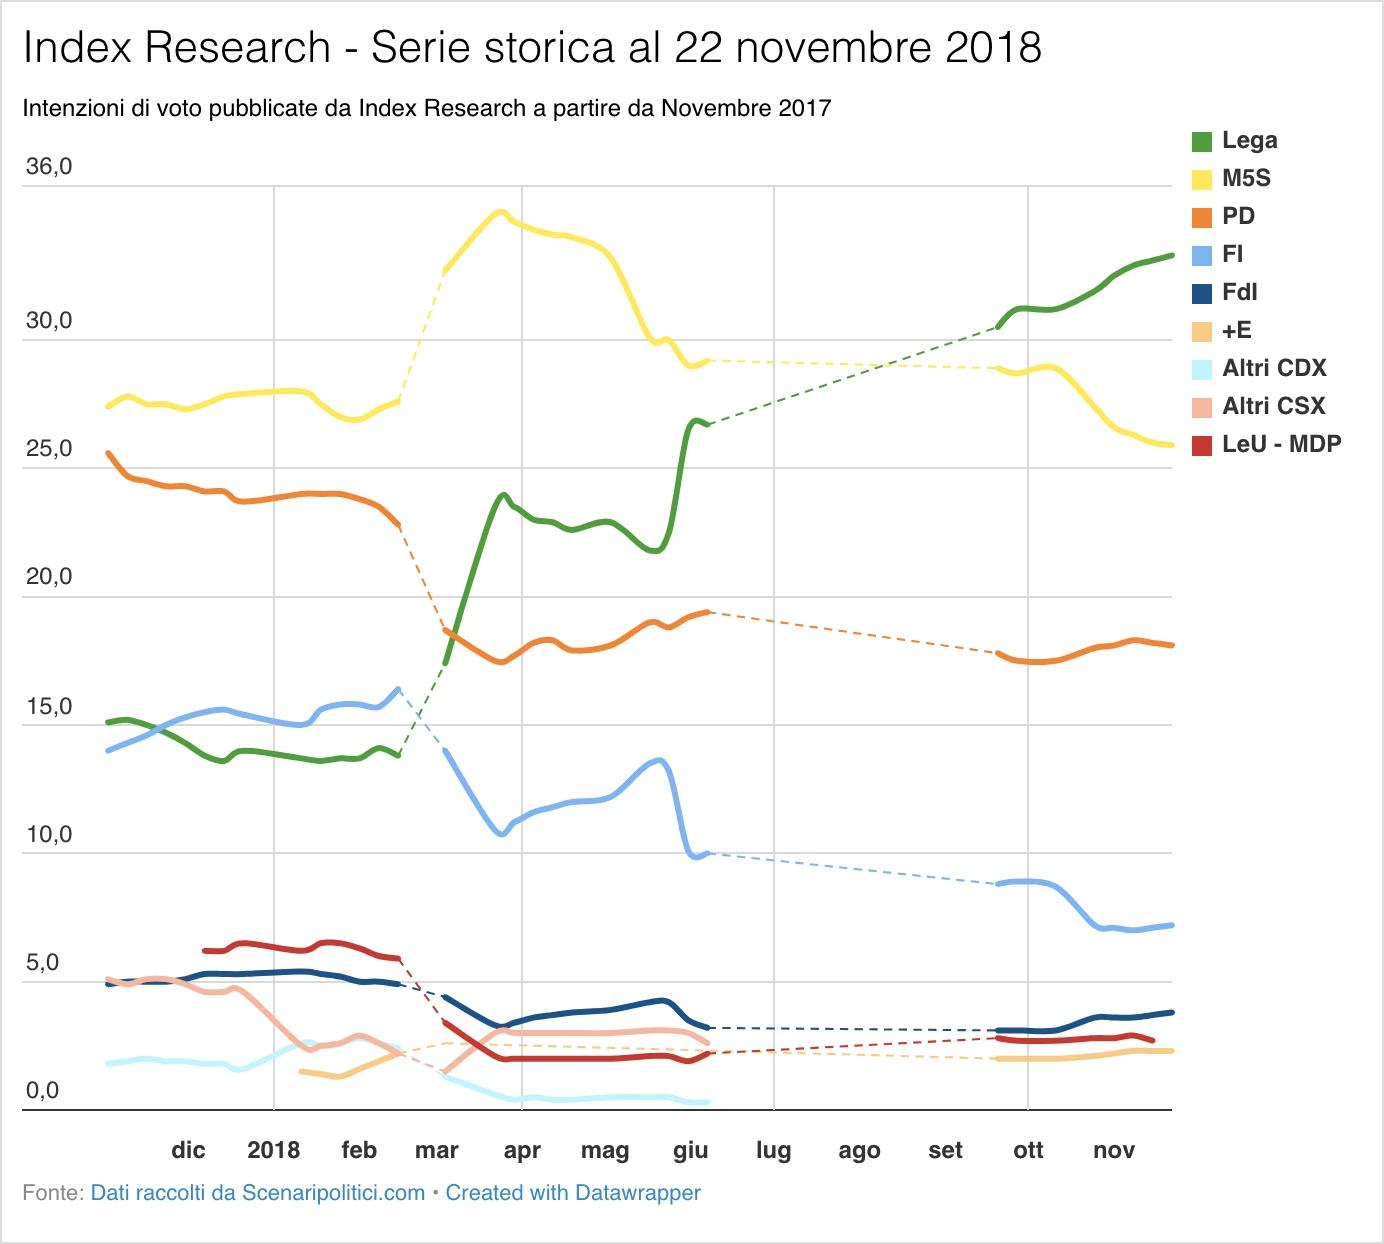 Index Research (22 novembre 2018)